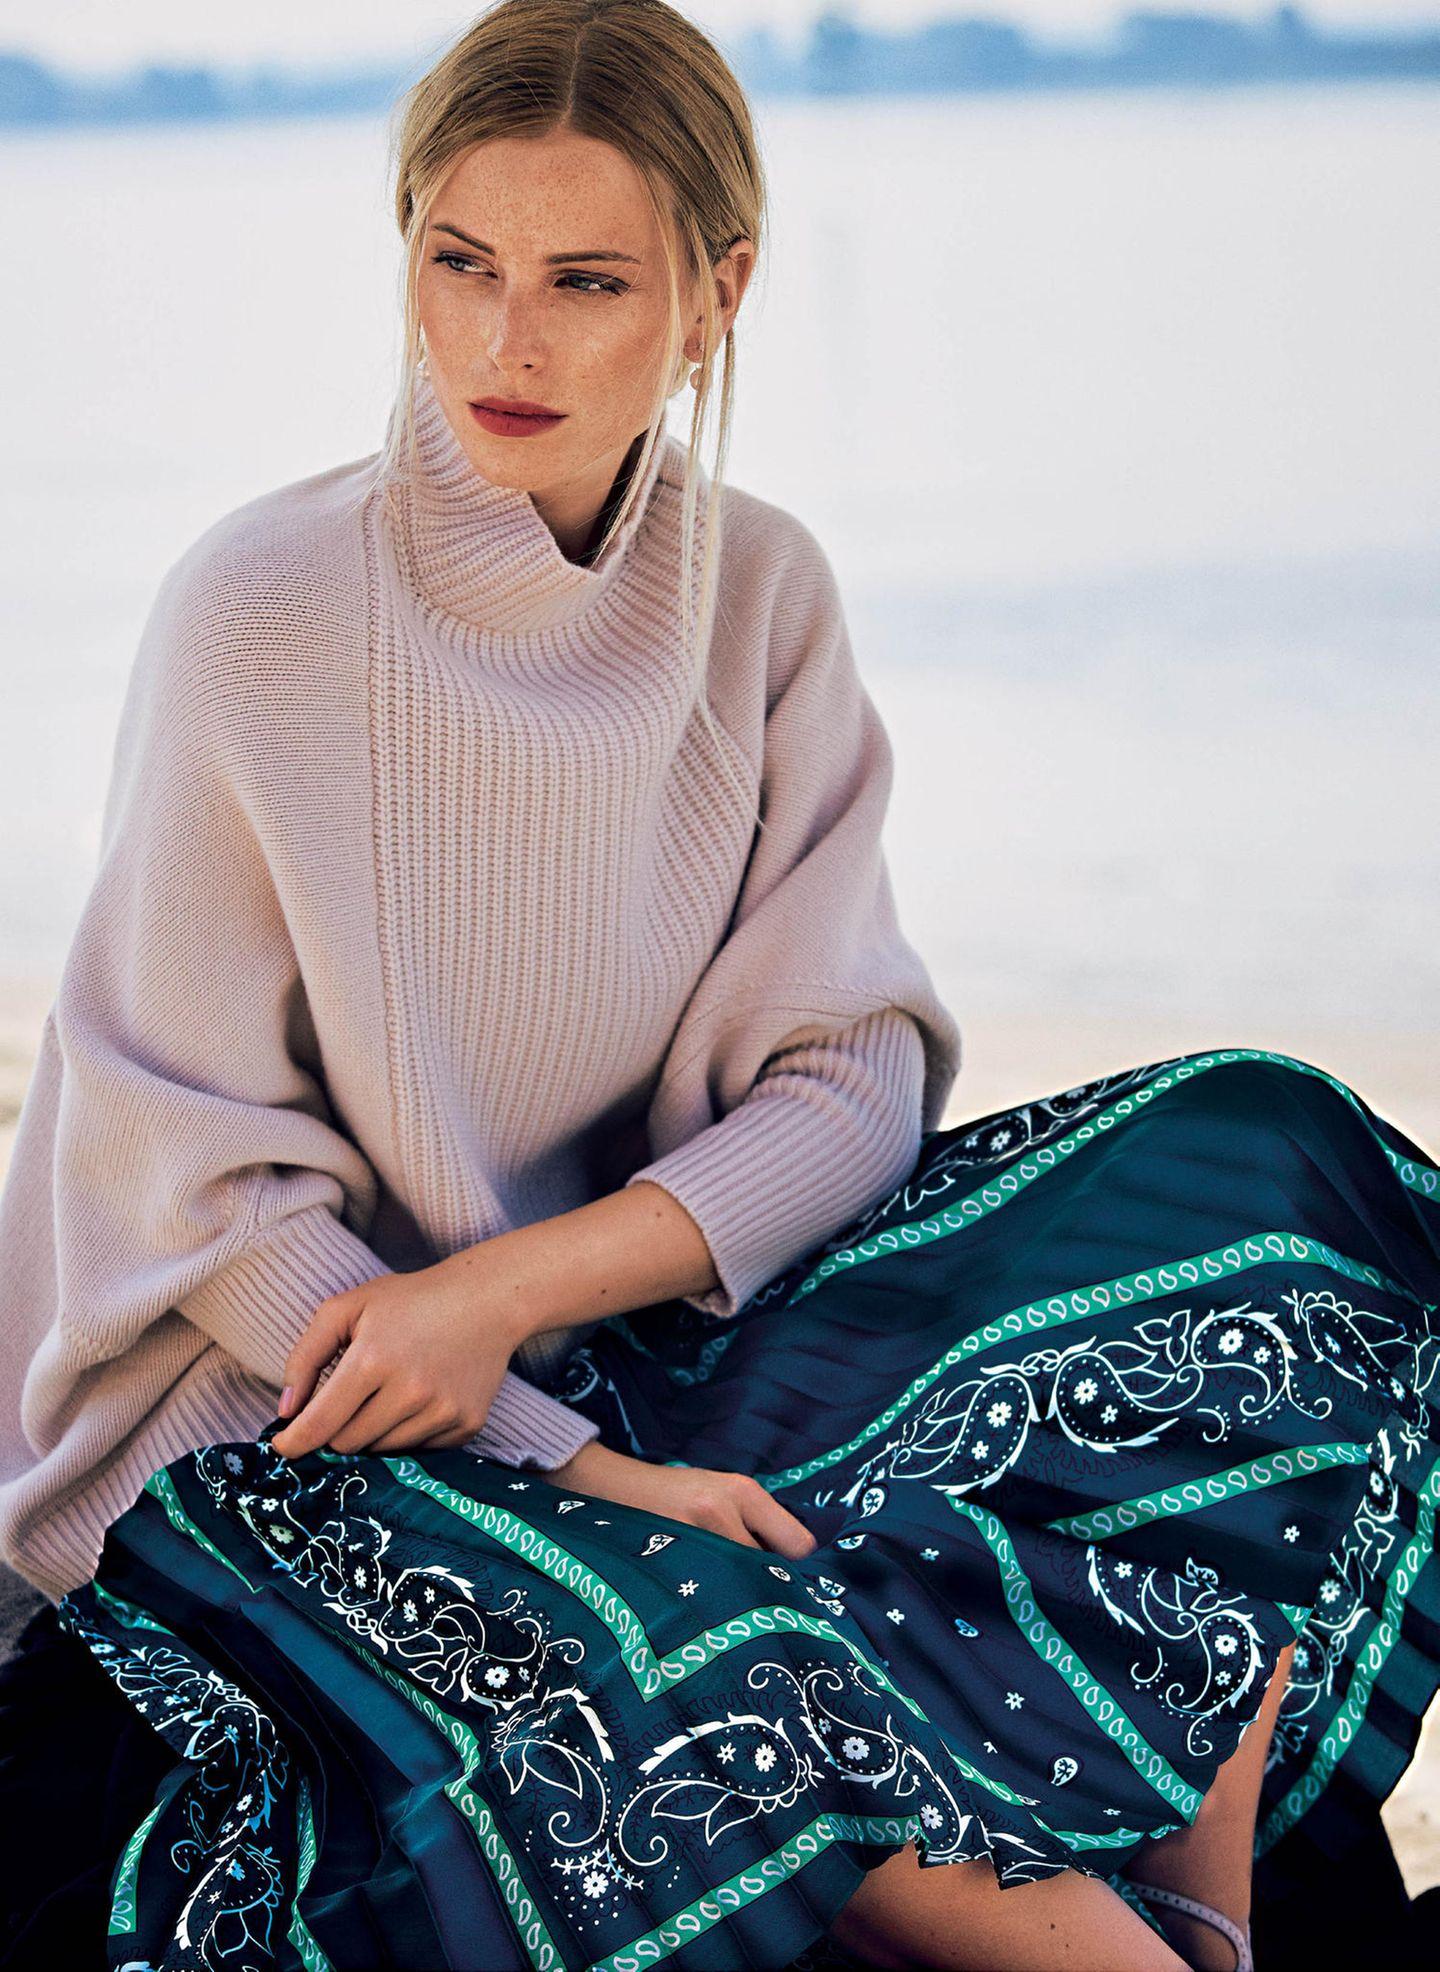 Sitzende Frau mit Plissee-Rock in blauem Muster